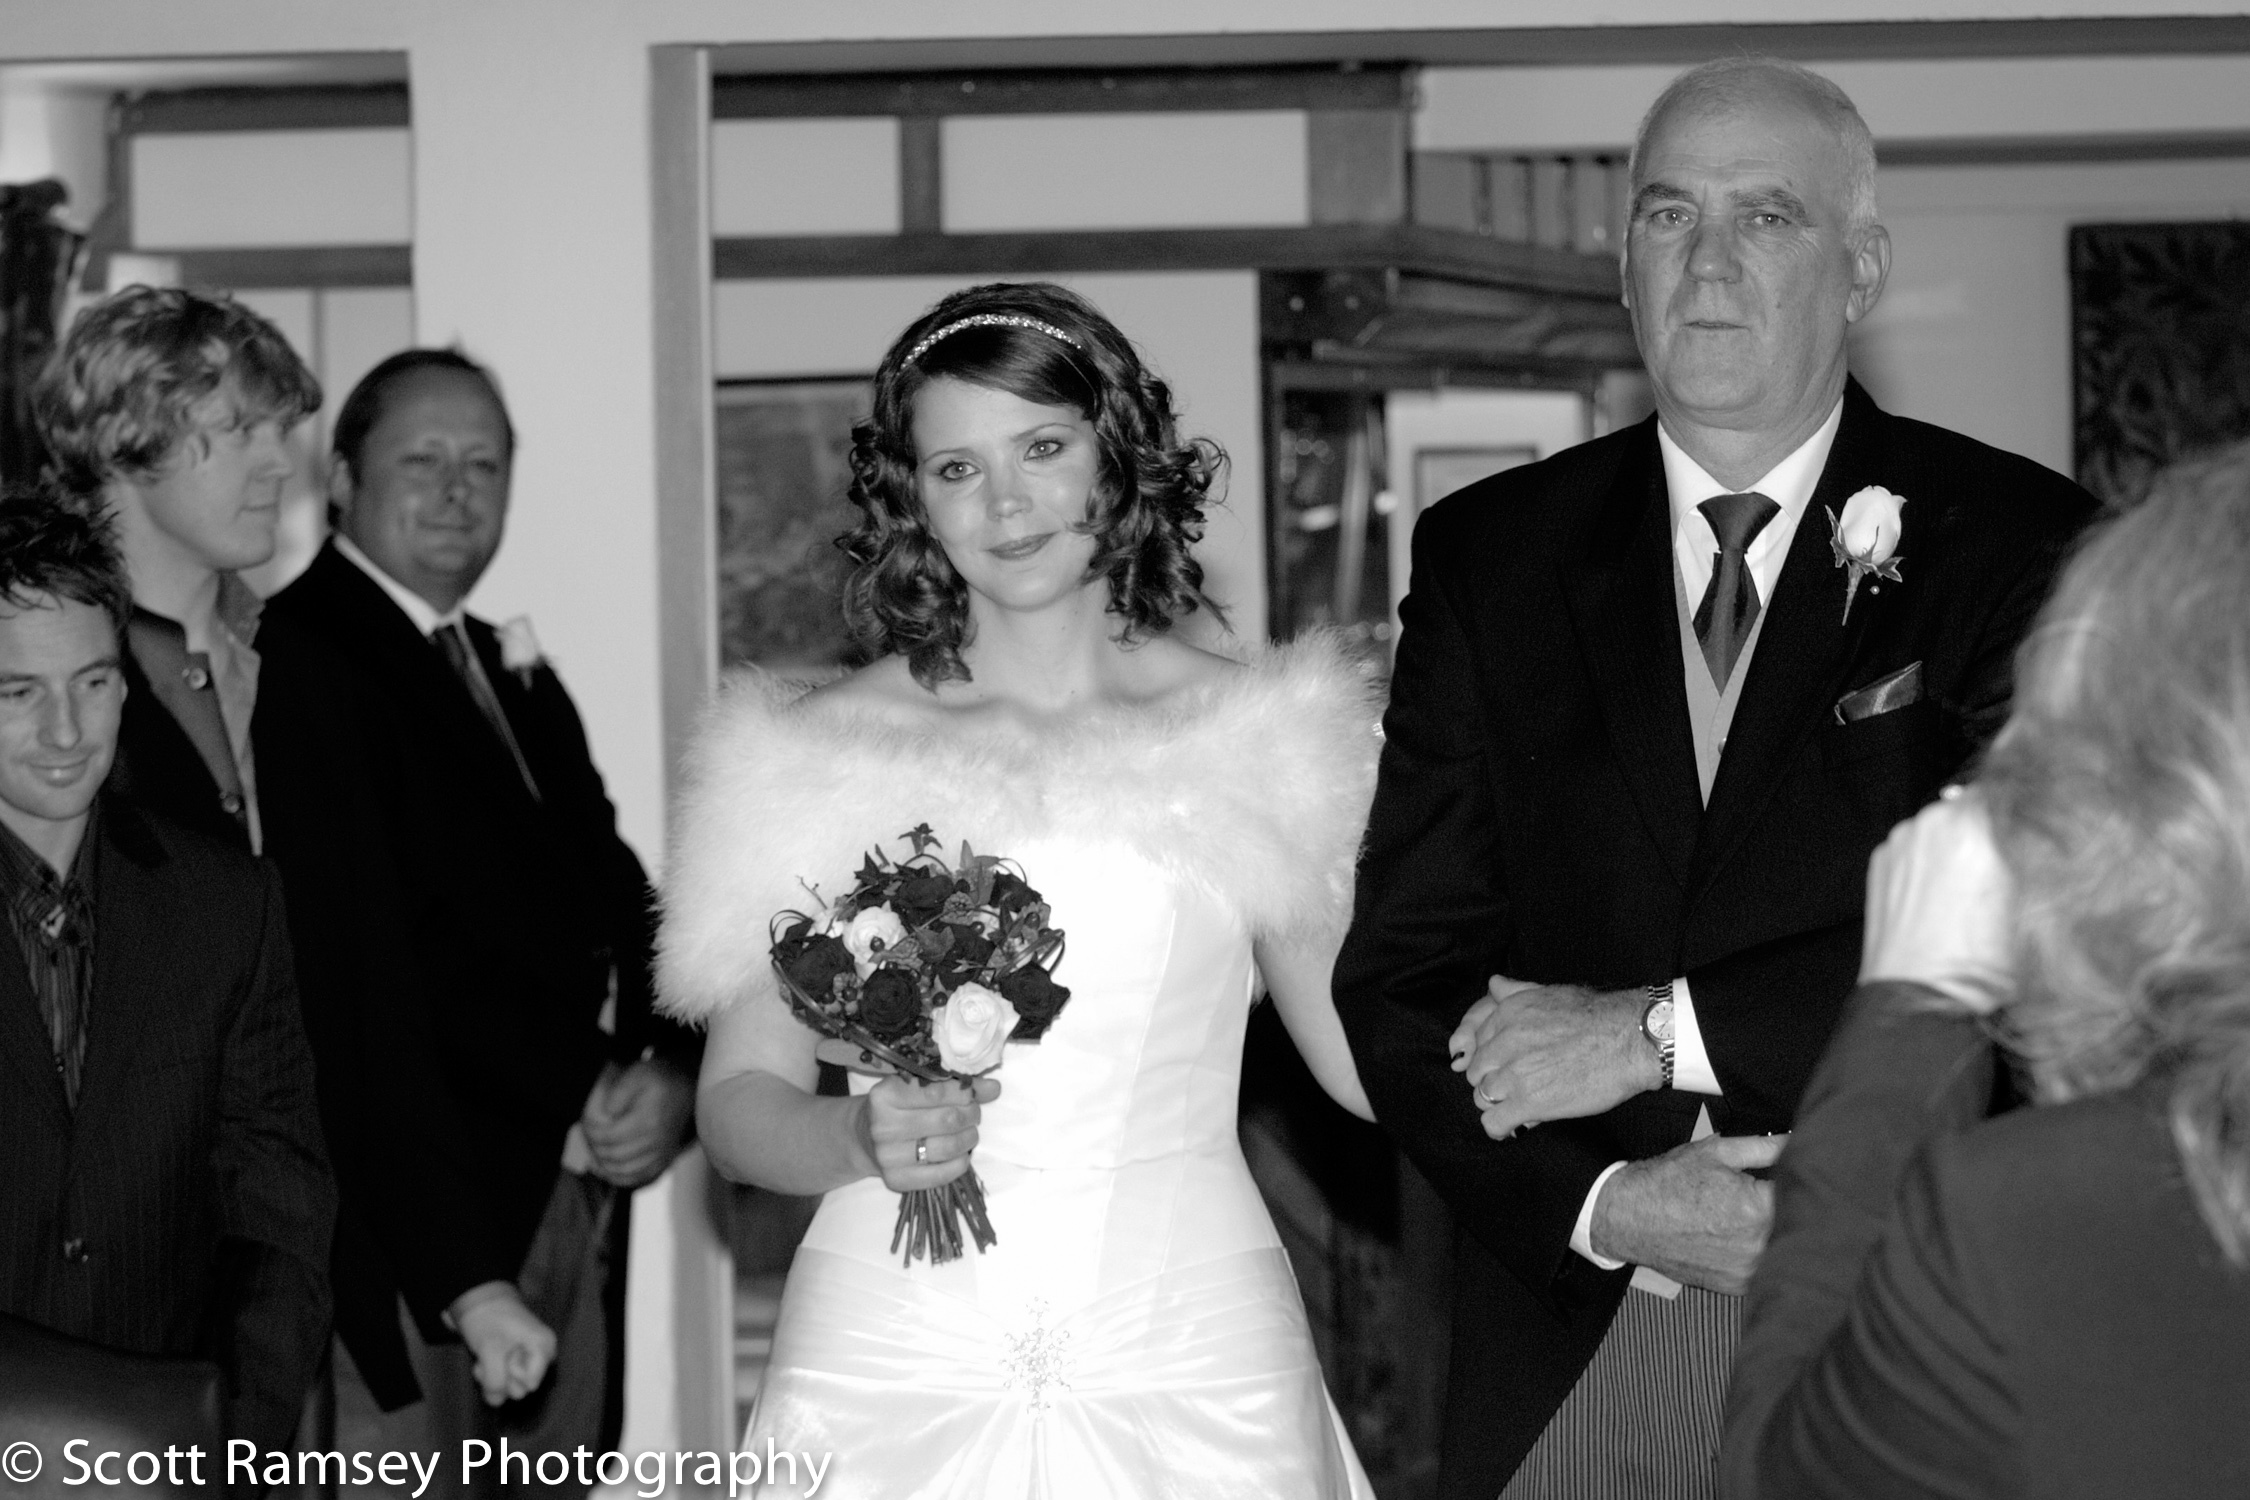 Winter-Wedding-Spread-Eagle-Hotel-Midhurst-Bride-Dad-Ceremony-03